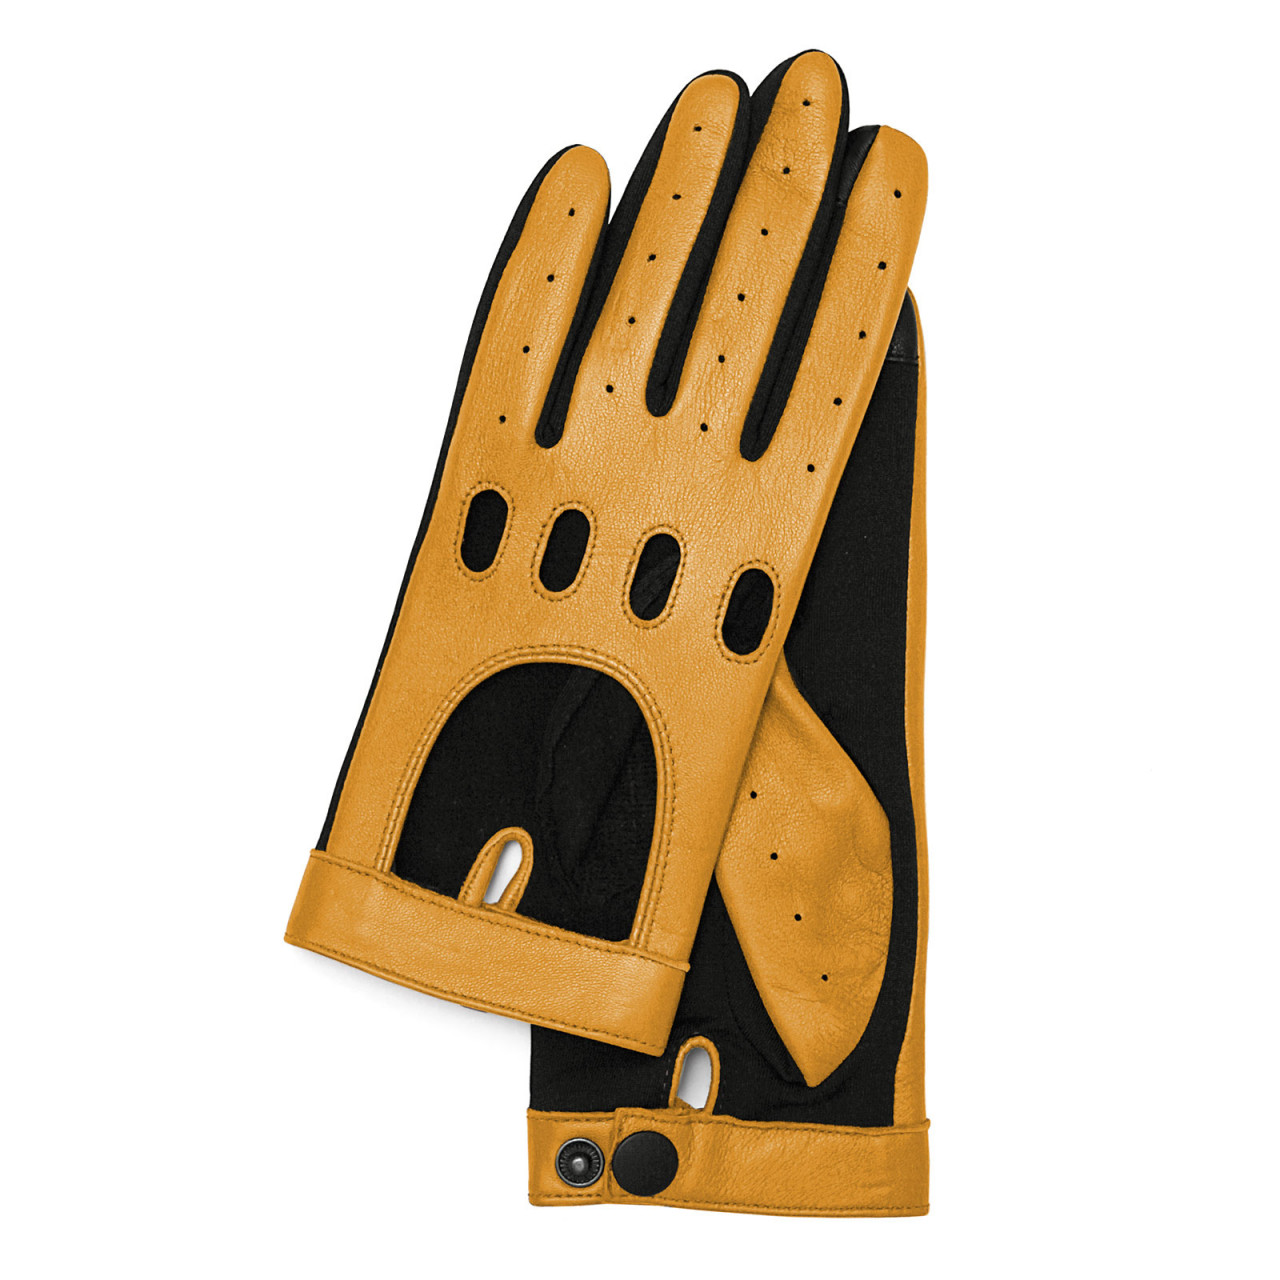 Mia Driver's Glove